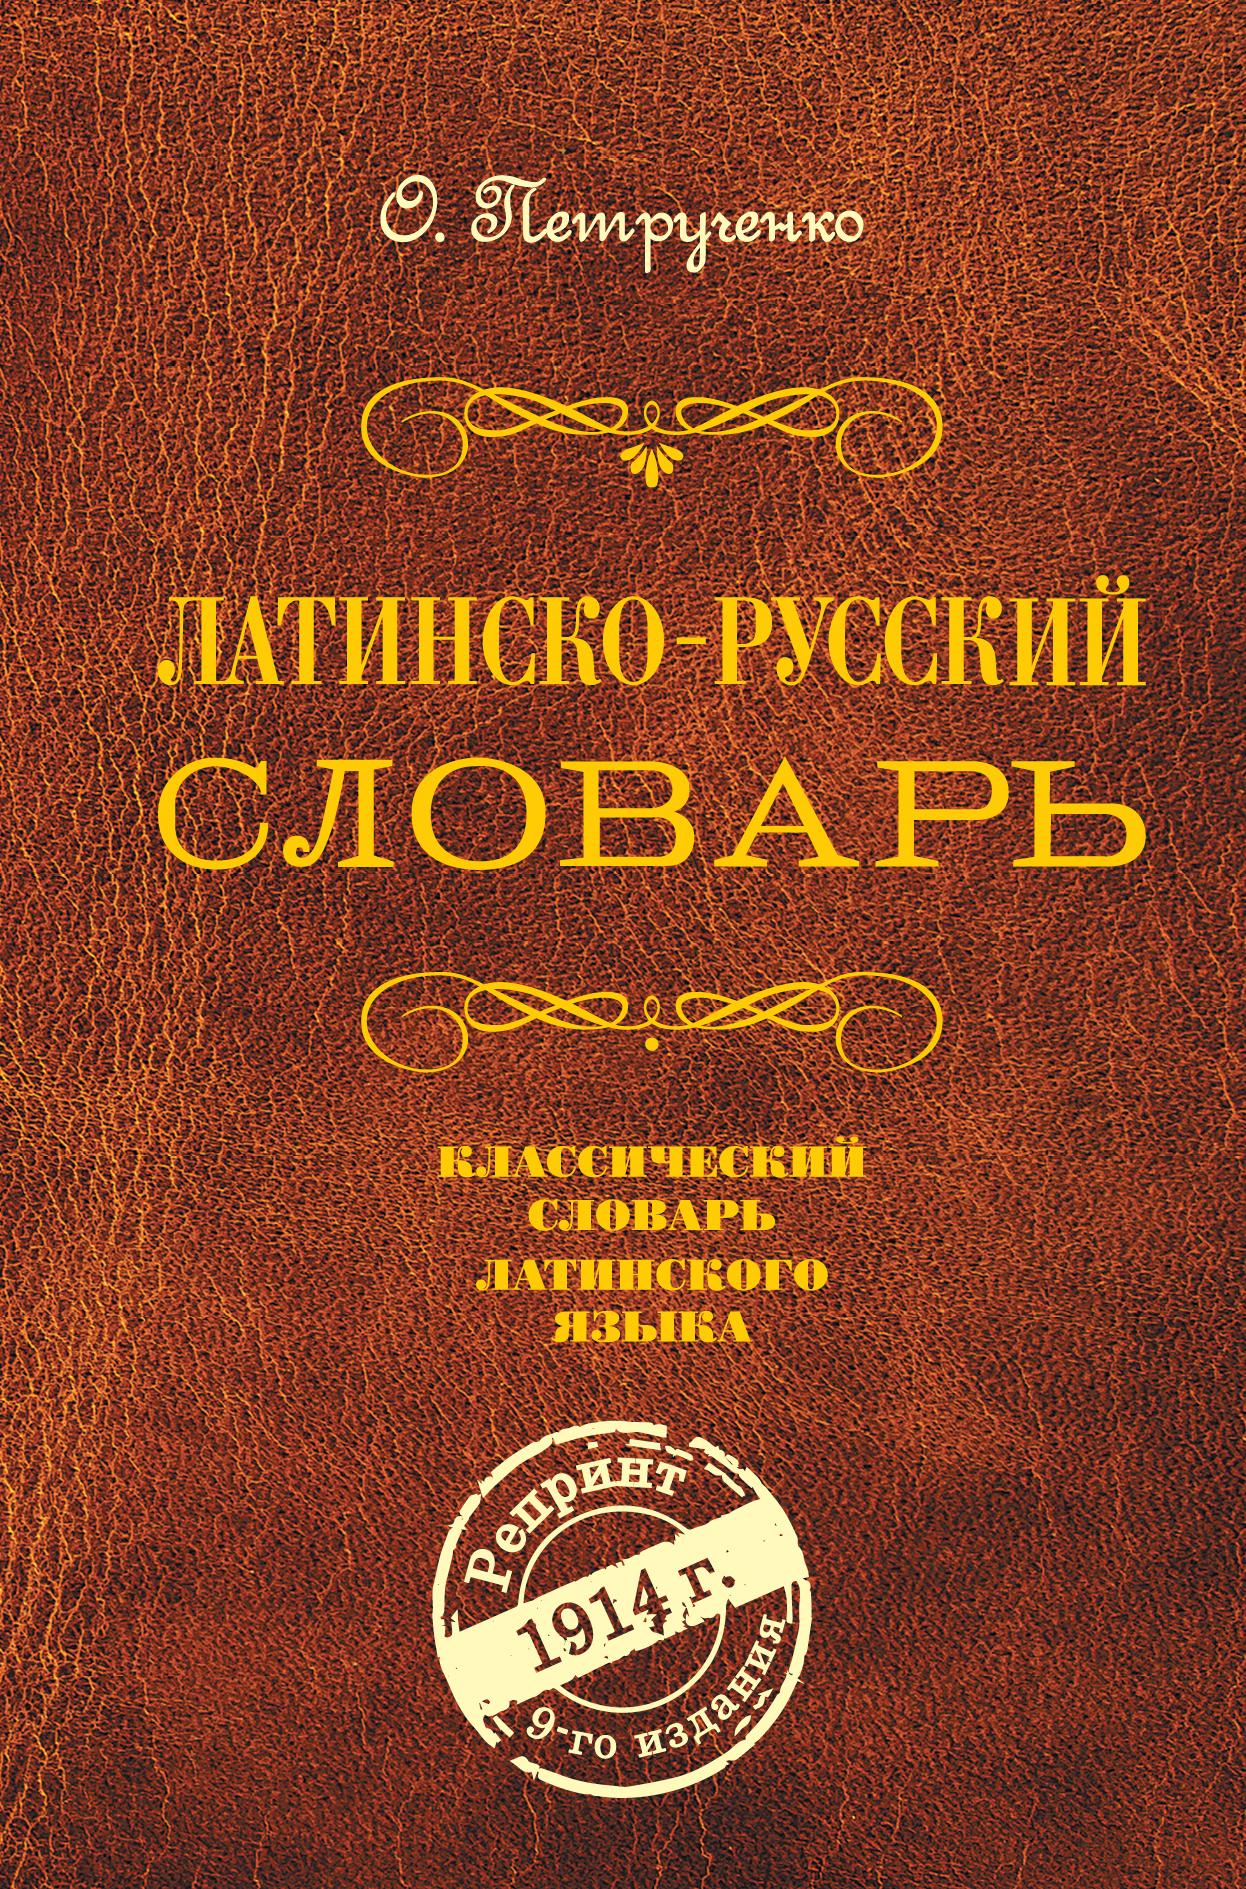 Латинско-русский словарь. Репринт 9-го издания 1914 г